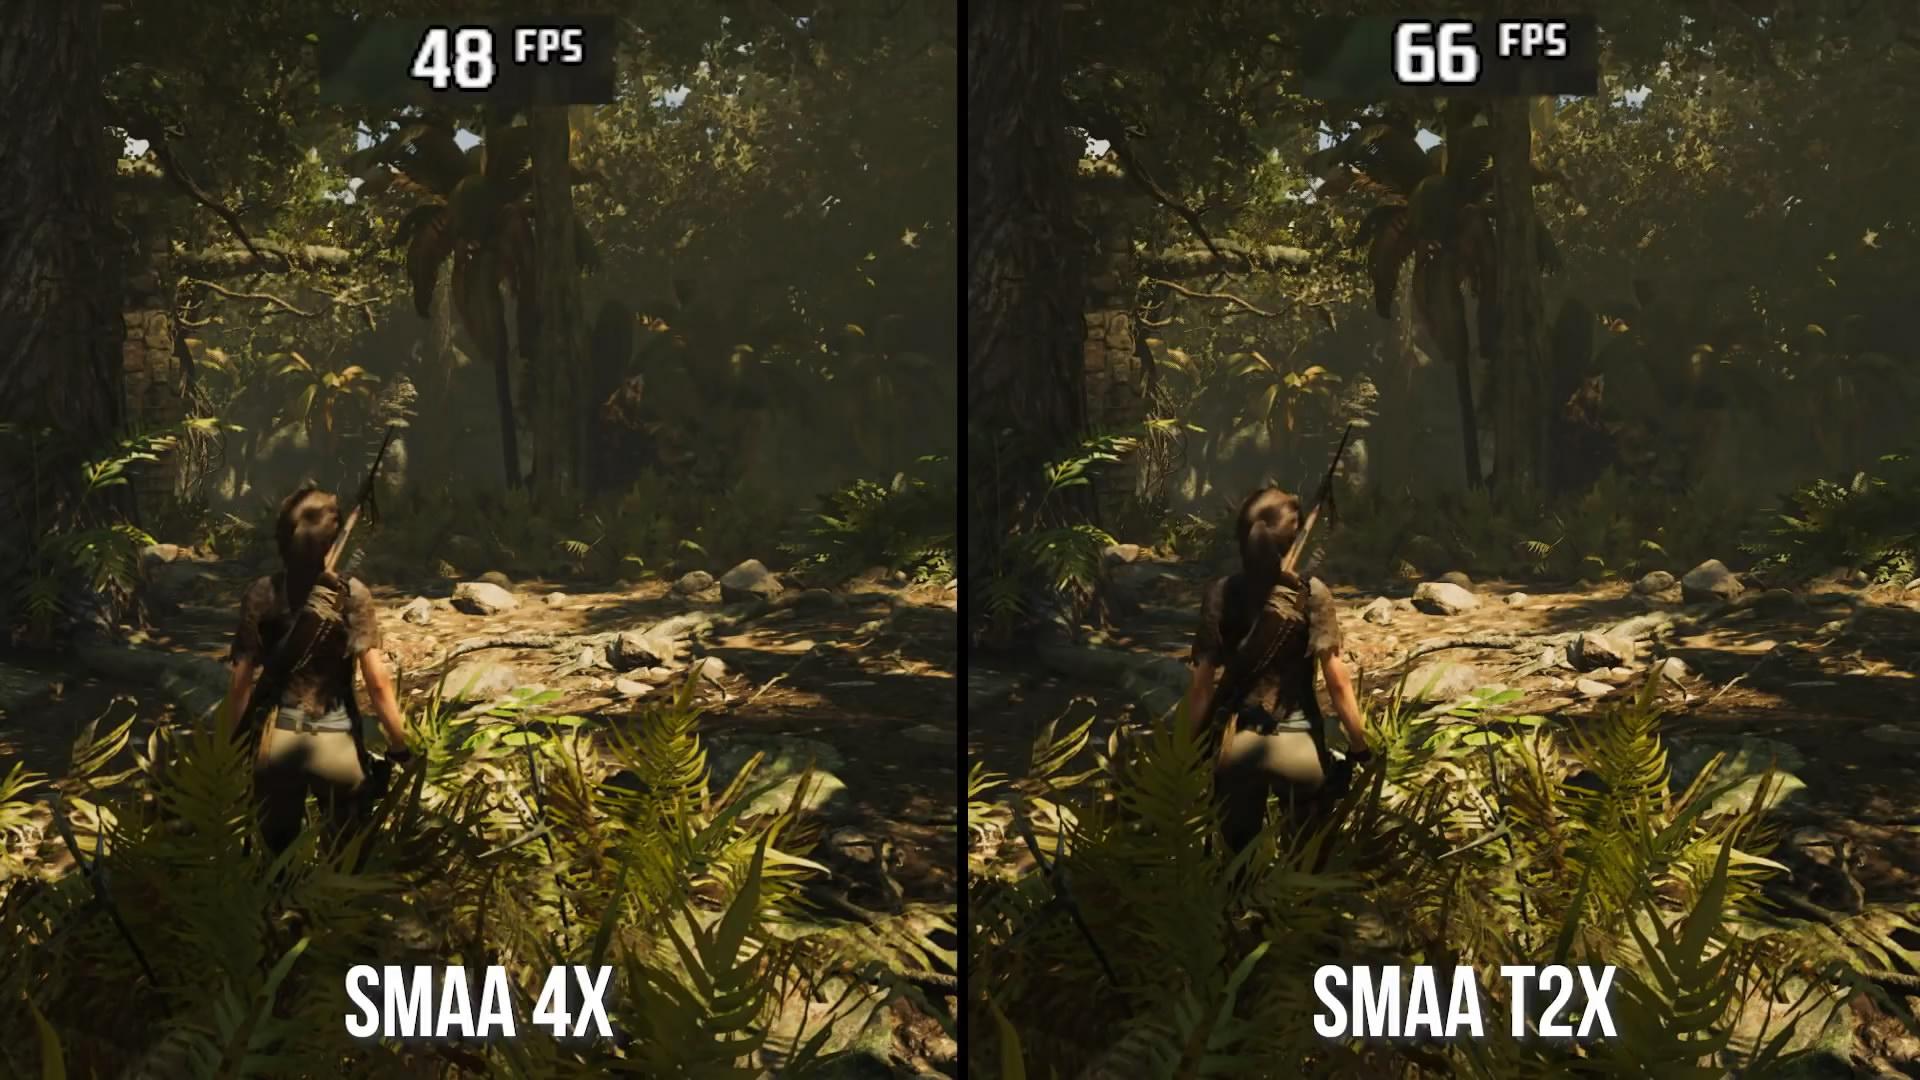 《古墓丽影:暗影》PC与XboxOneX版画面对比 PC版更棒